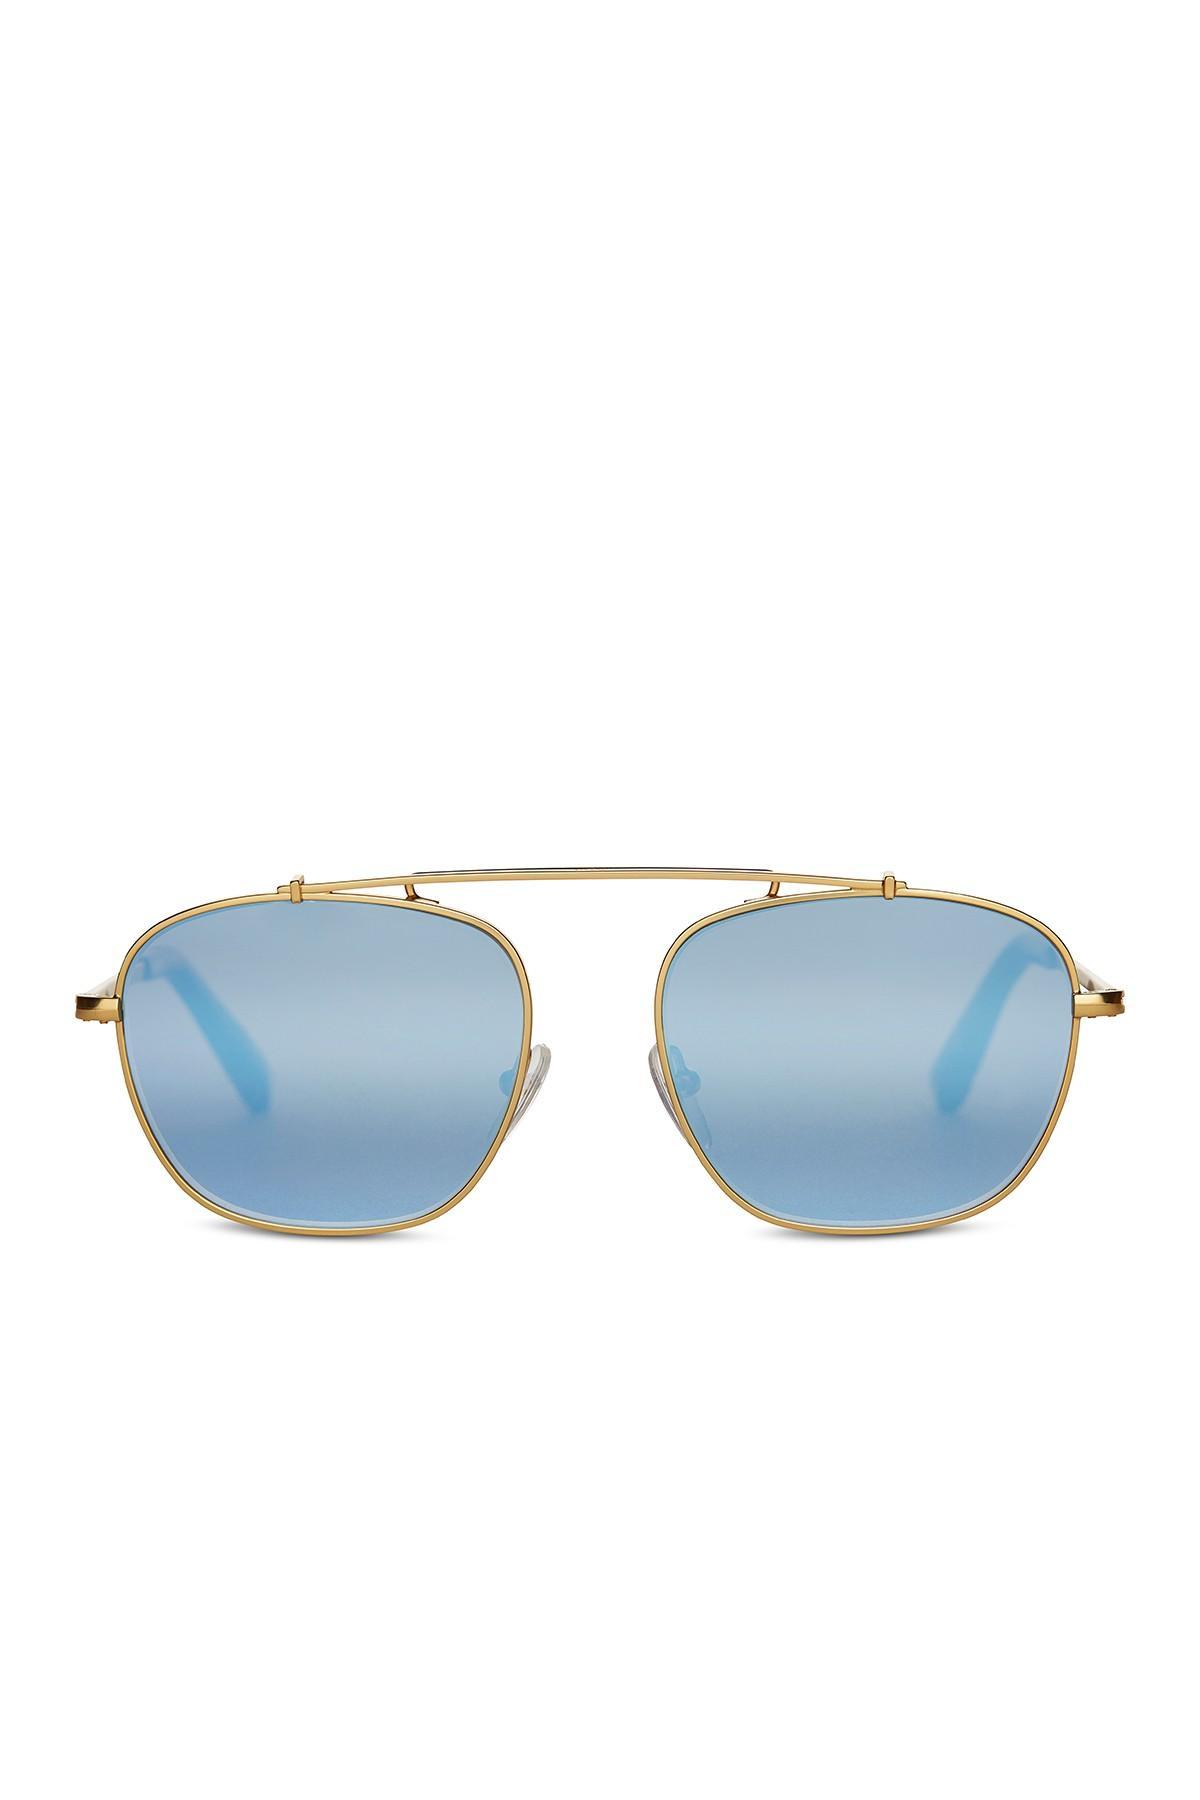 1b5157bfc36b TOMS - Metallic Riley 53mm Aviator Sunglasses - Lyst. View fullscreen